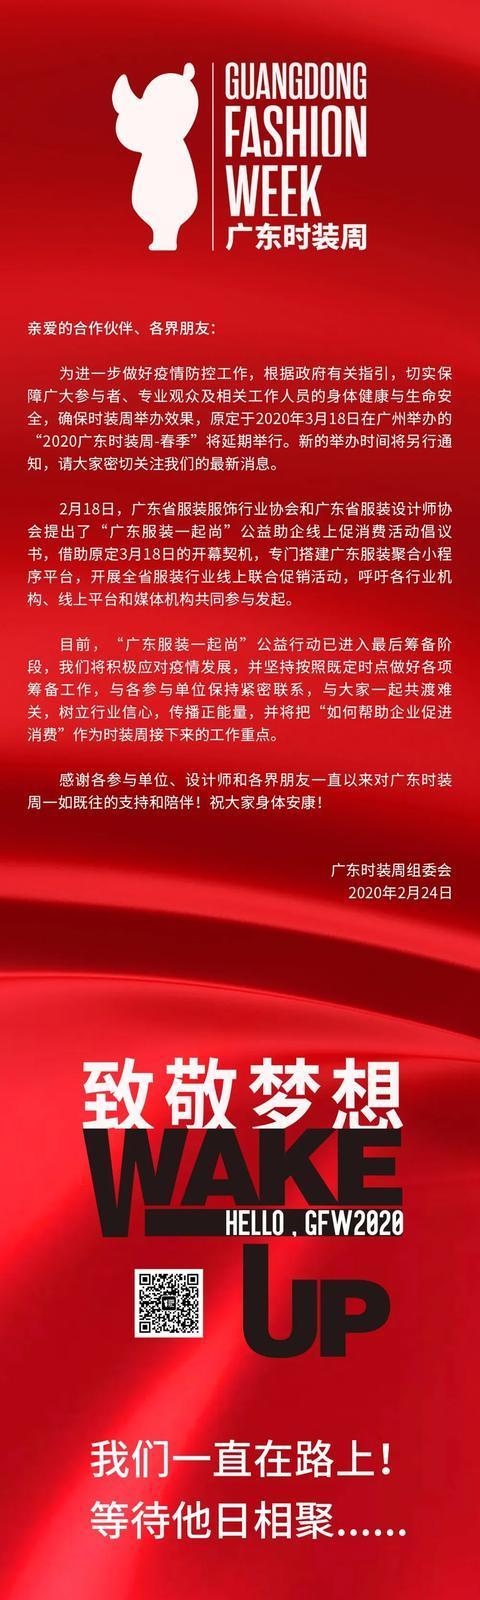 2020广东时装周-春季将延期